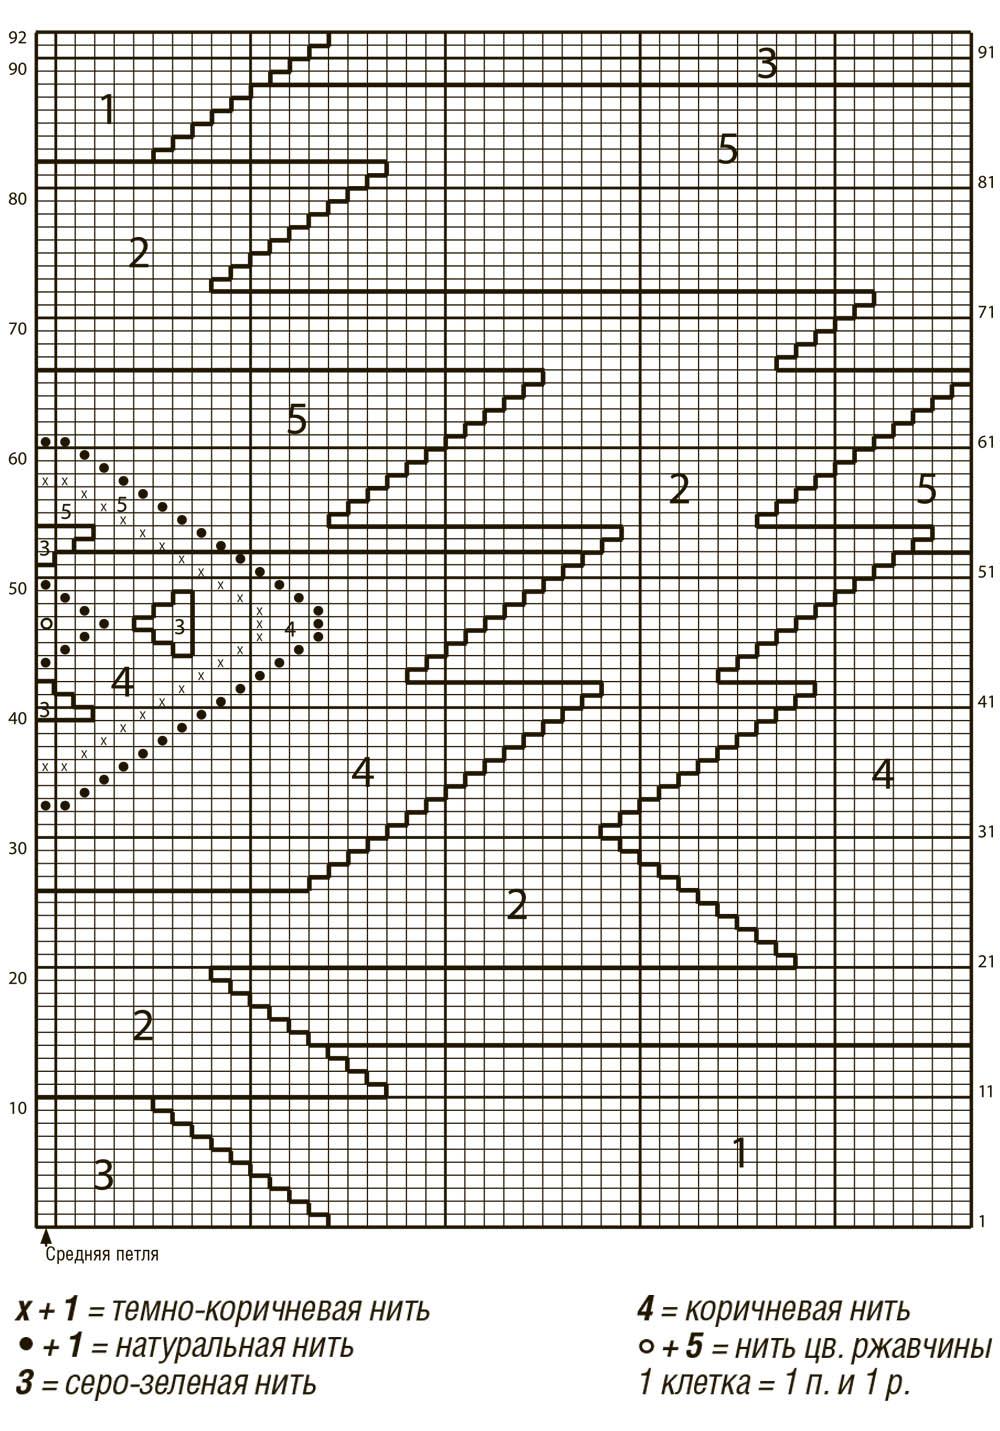 Пуловер с абстрактным узором спицами в технике интарсия схема вязания